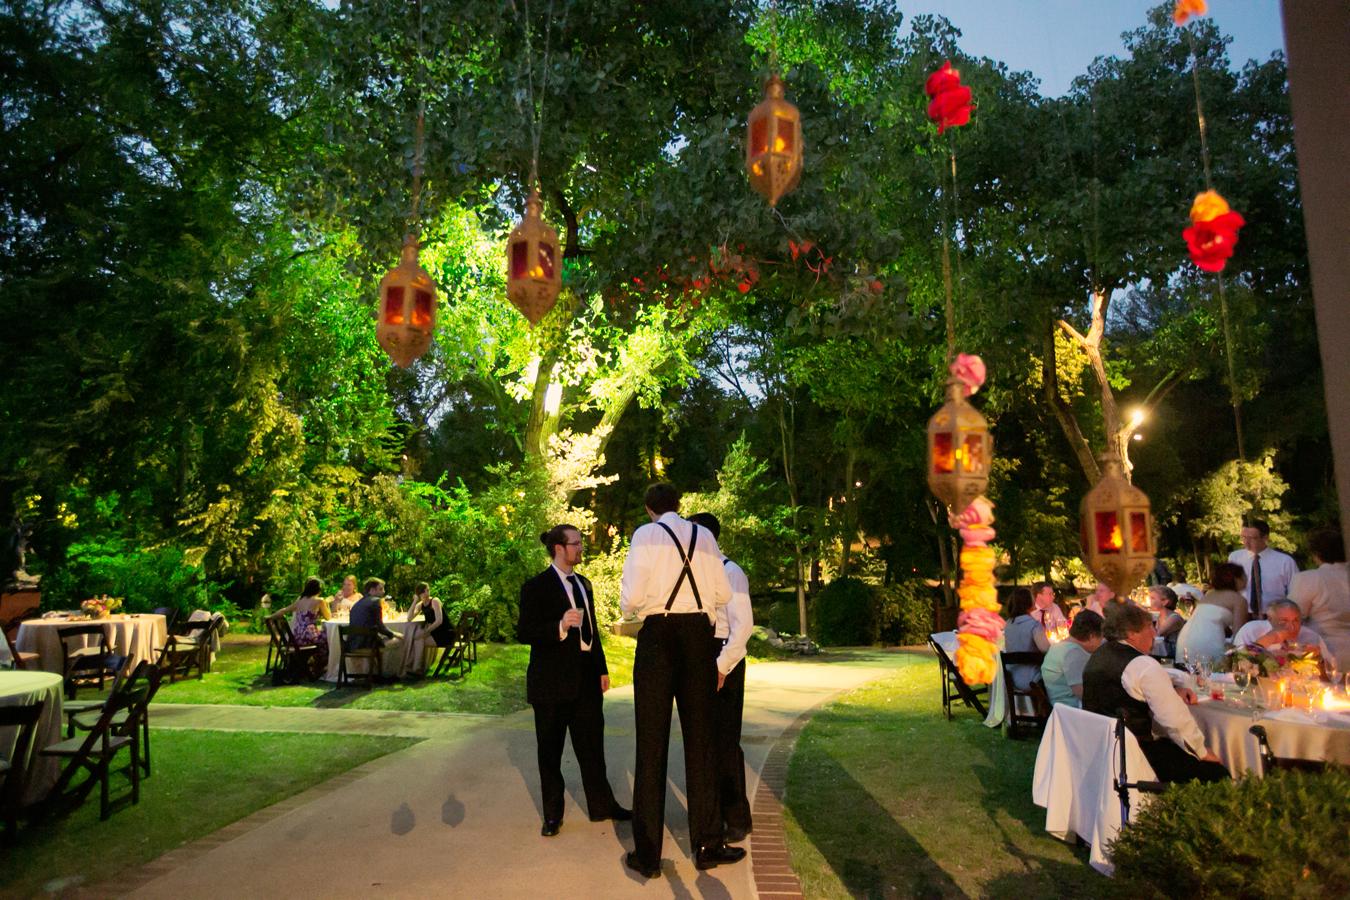 Christina Scott 39 S Umlauf Sculpture Garden Wedding Bicycle Engagement Katherineophoto